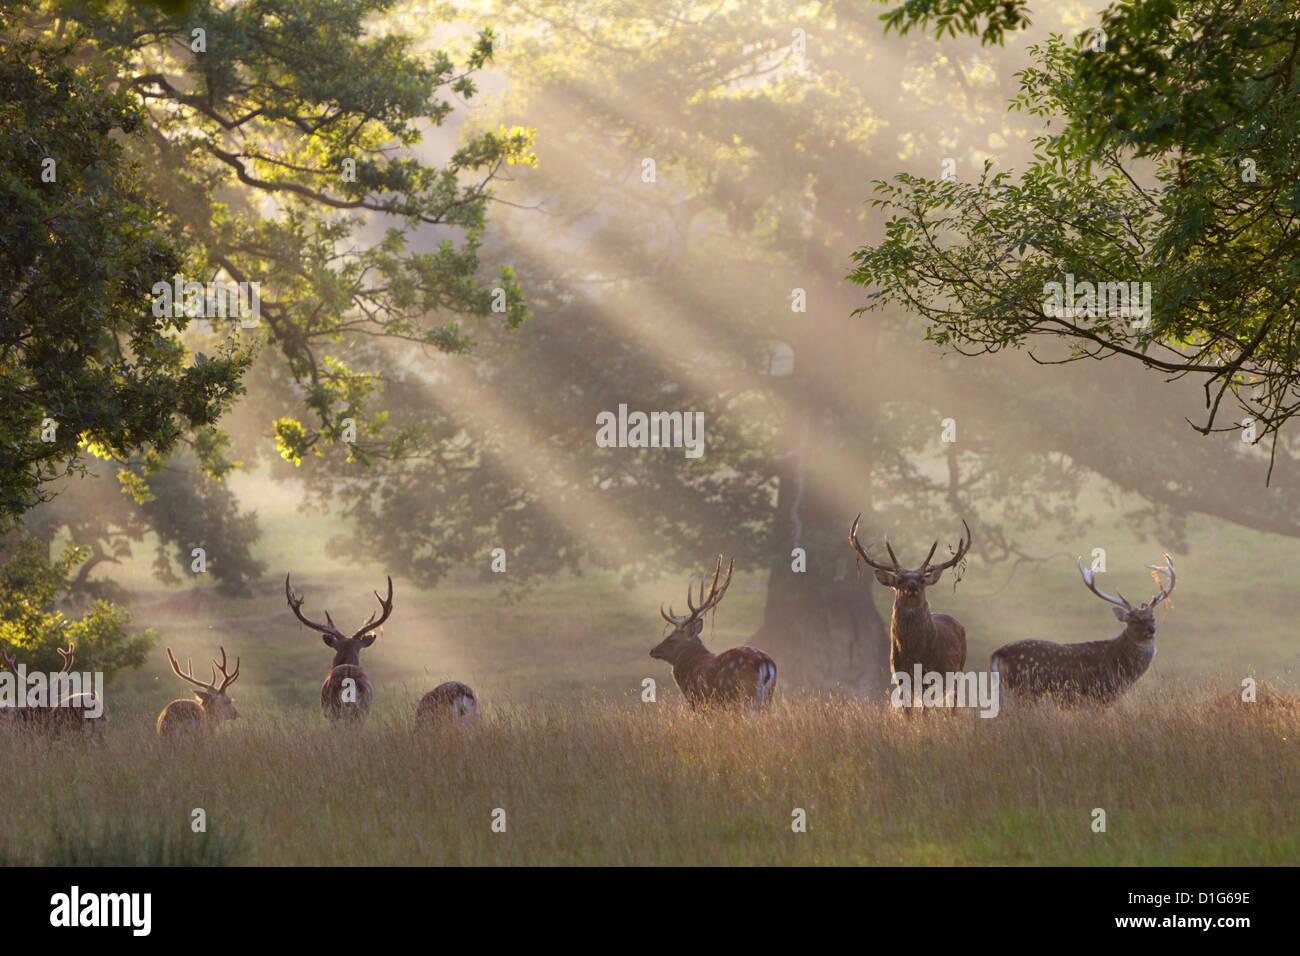 Reh im Morgen Nebel, Woburn Abbey Park, Woburn, Bedfordshire, England, Vereinigtes Königreich, Europa Stockbild